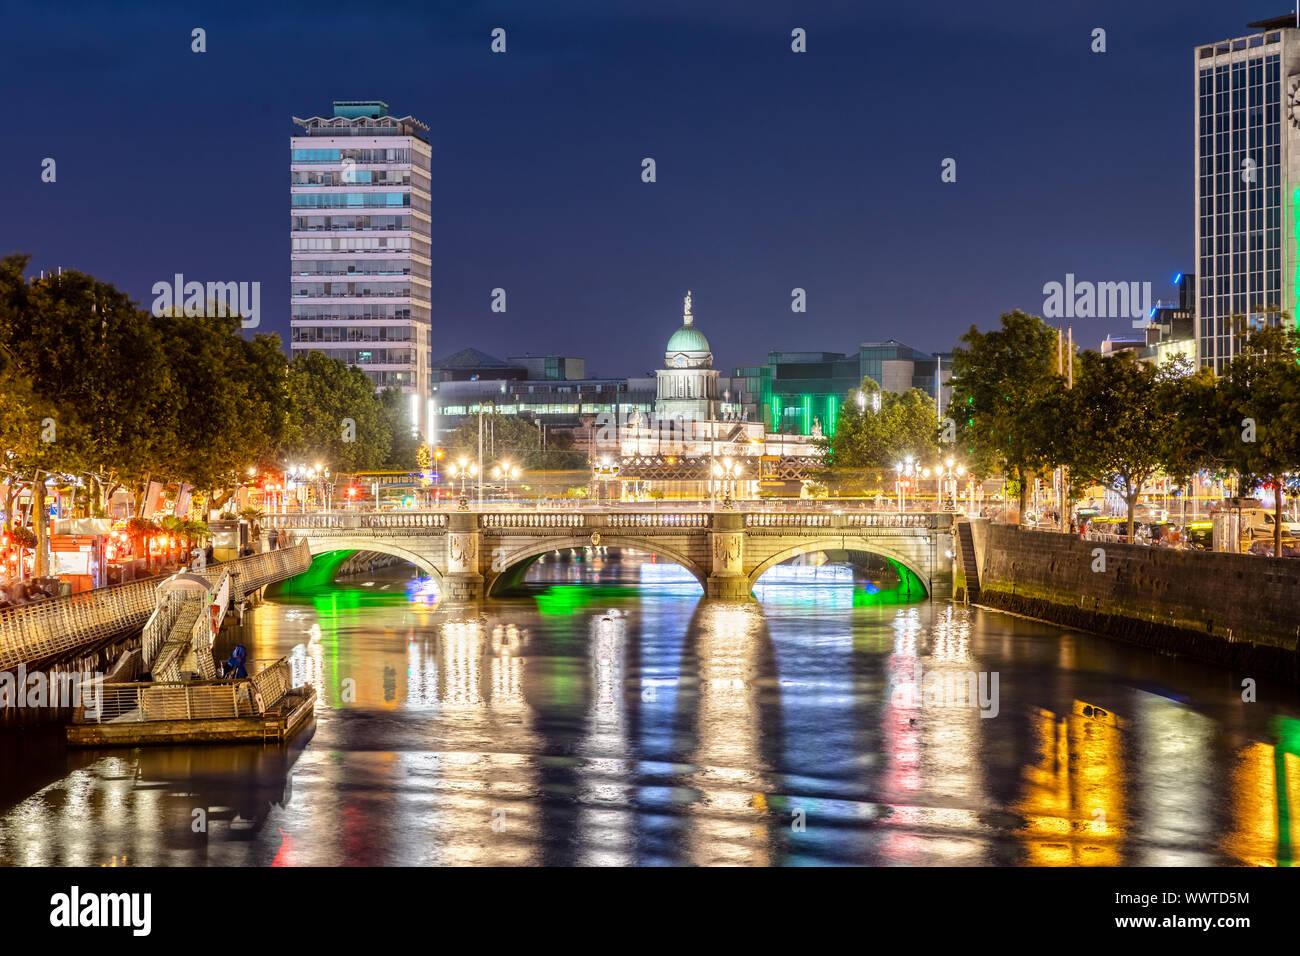 El Puente O'Connell en Dublín, Irlanda durante la noche Foto de stock